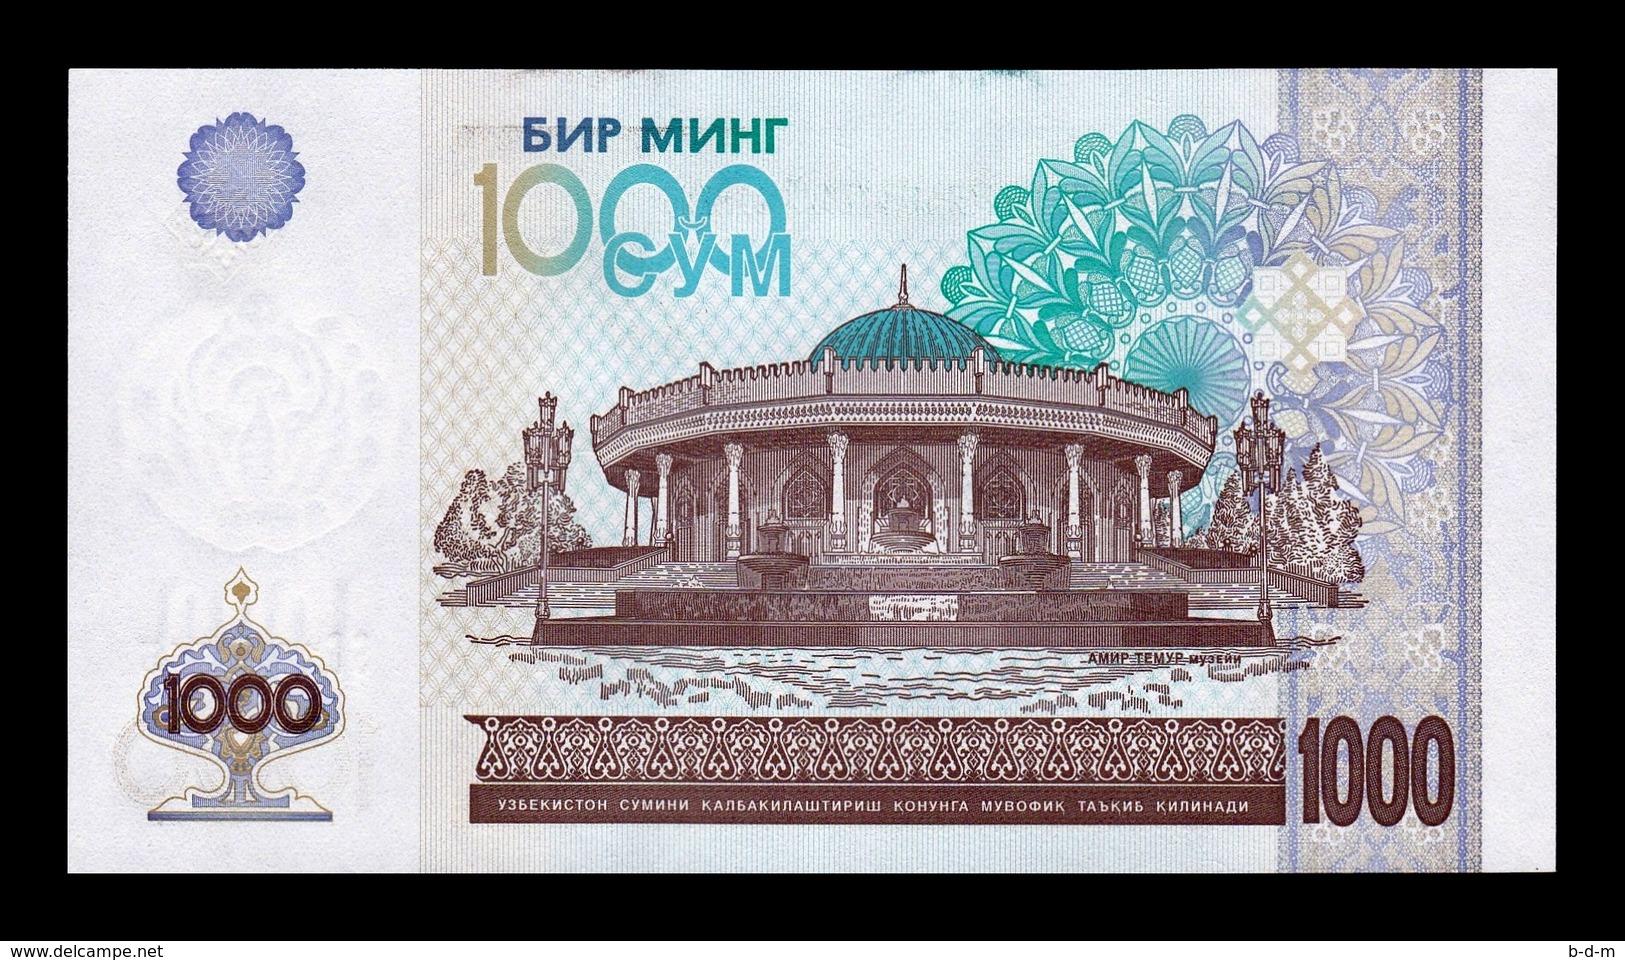 Uzbekistan Lot Bundle 10 Banknotes 1000 Sum 2001 Pick 82 SC UNC - Uzbekistan